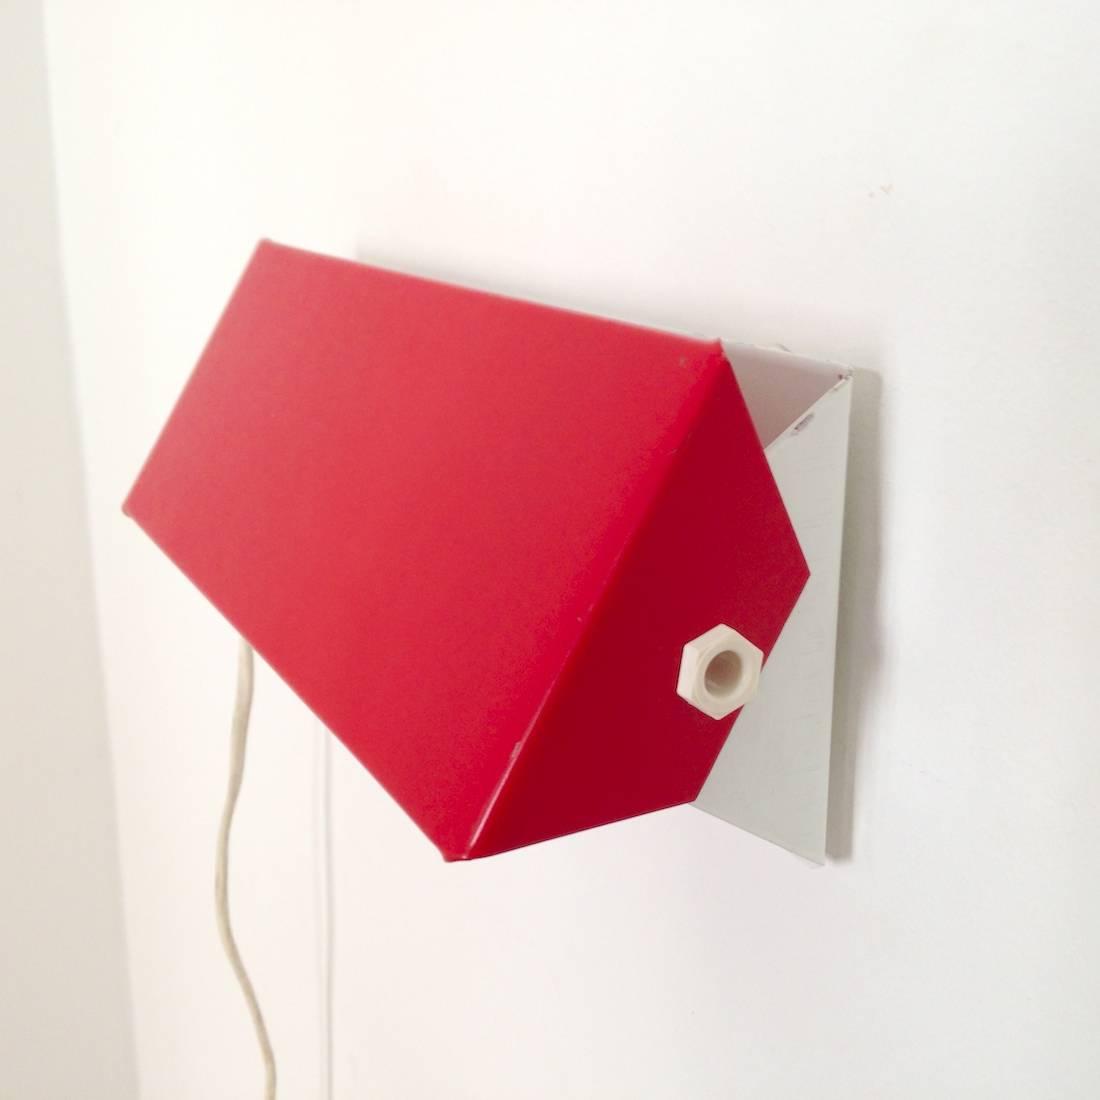 applique rouge la charlotte perriand par la maison. Black Bedroom Furniture Sets. Home Design Ideas